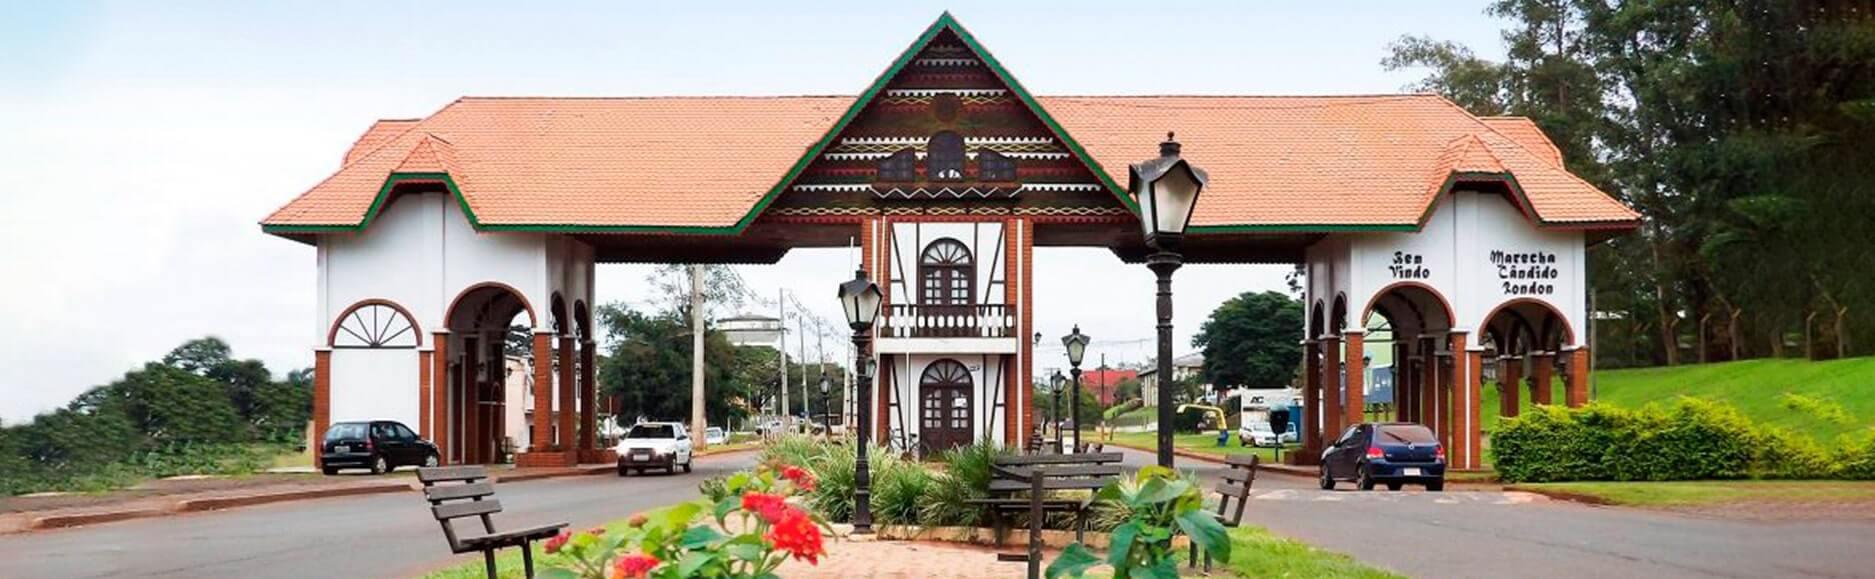 Conciliação bancária na gestão pública: Marechal Cândido Rondon (PR) ganha agilidade